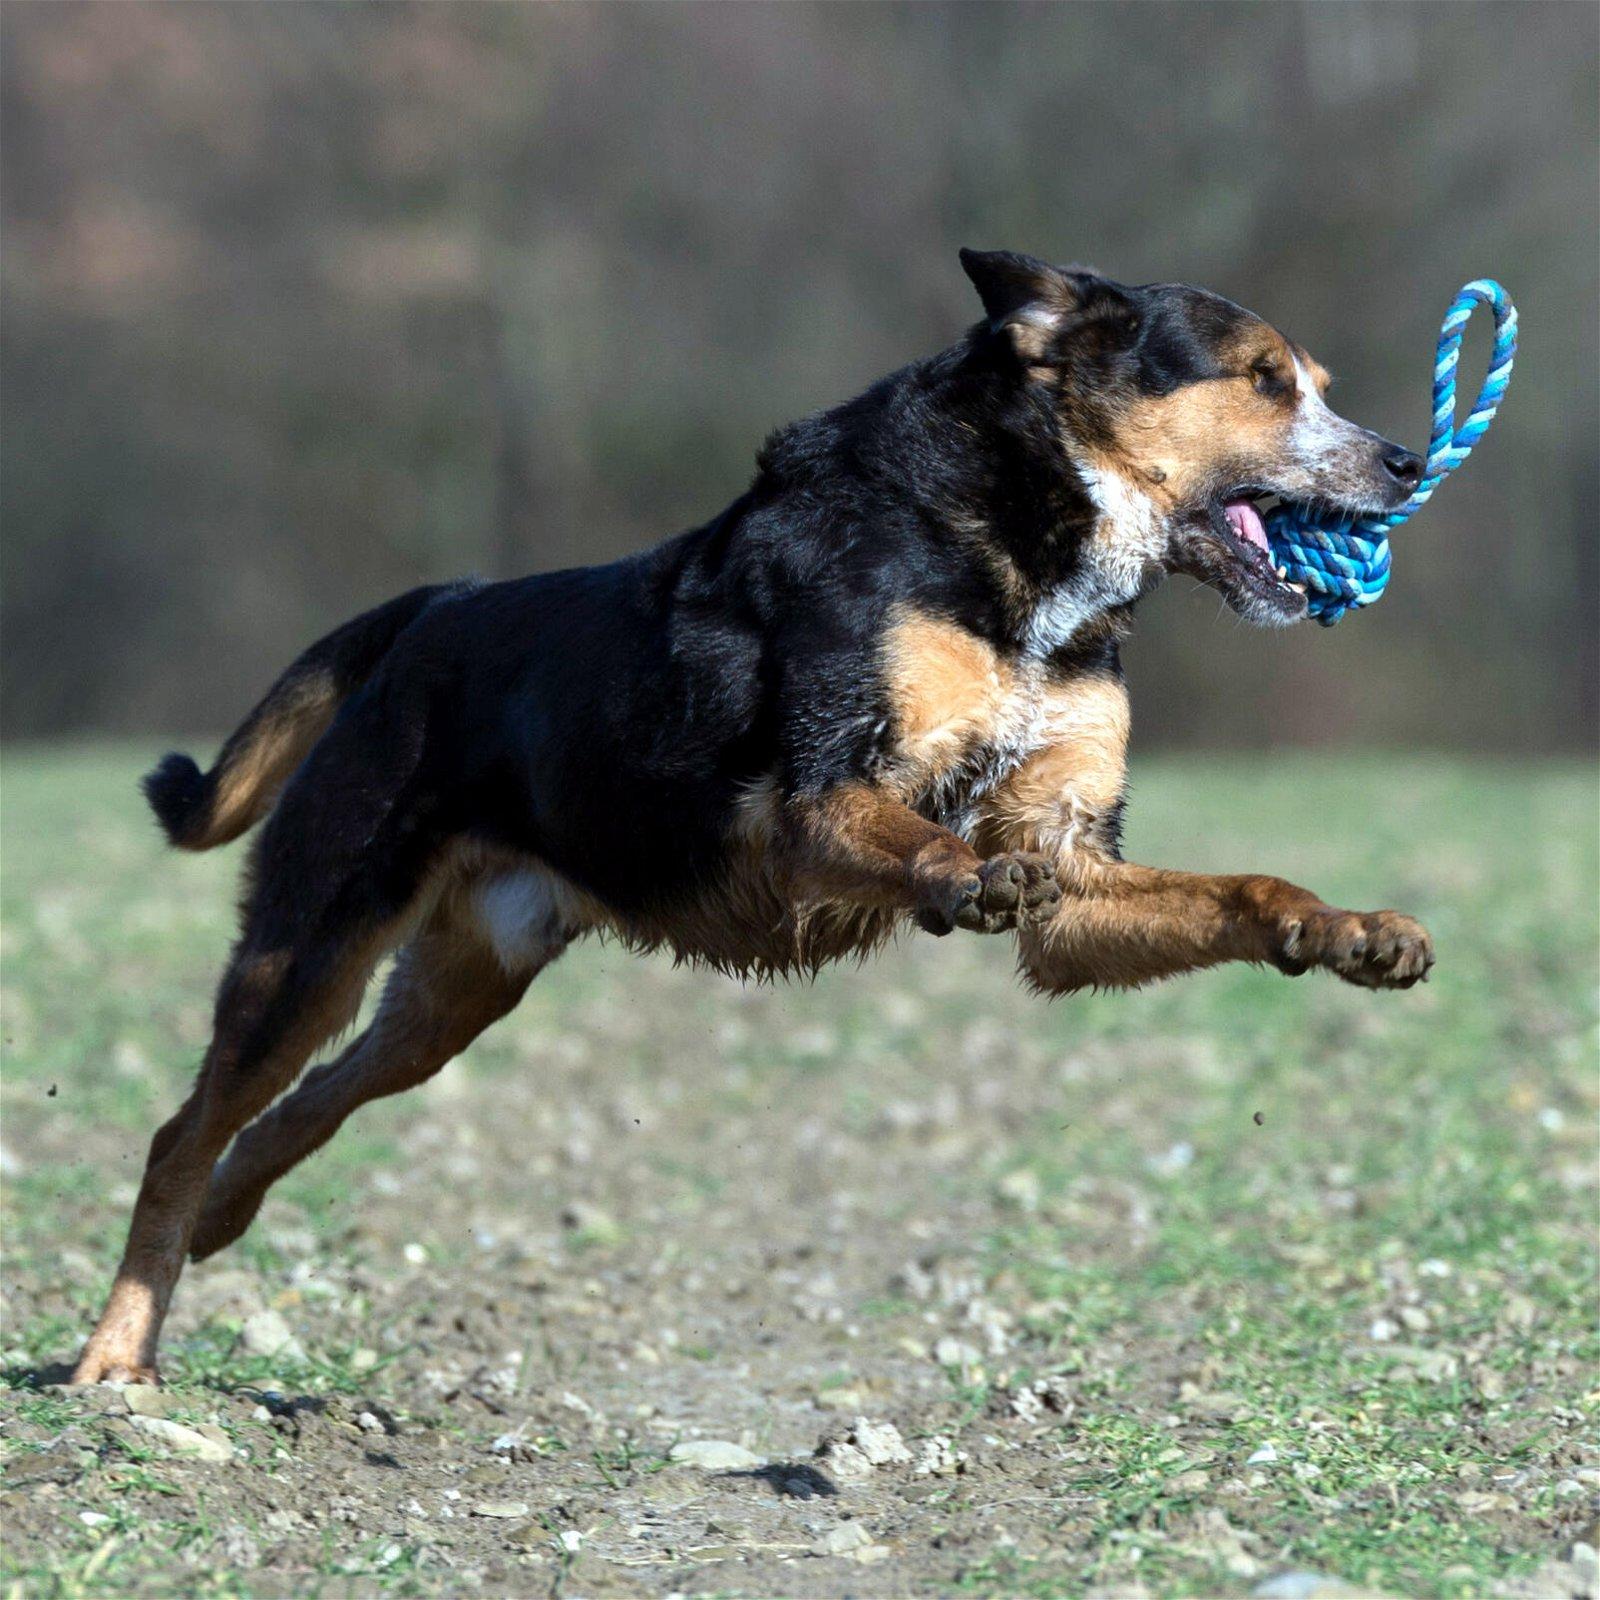 Hundespielzeug Maxi Schleuderball aus Baumwolltau - Blau, zahnpflegend und robust, (B/H/T) 9x9x22 cm